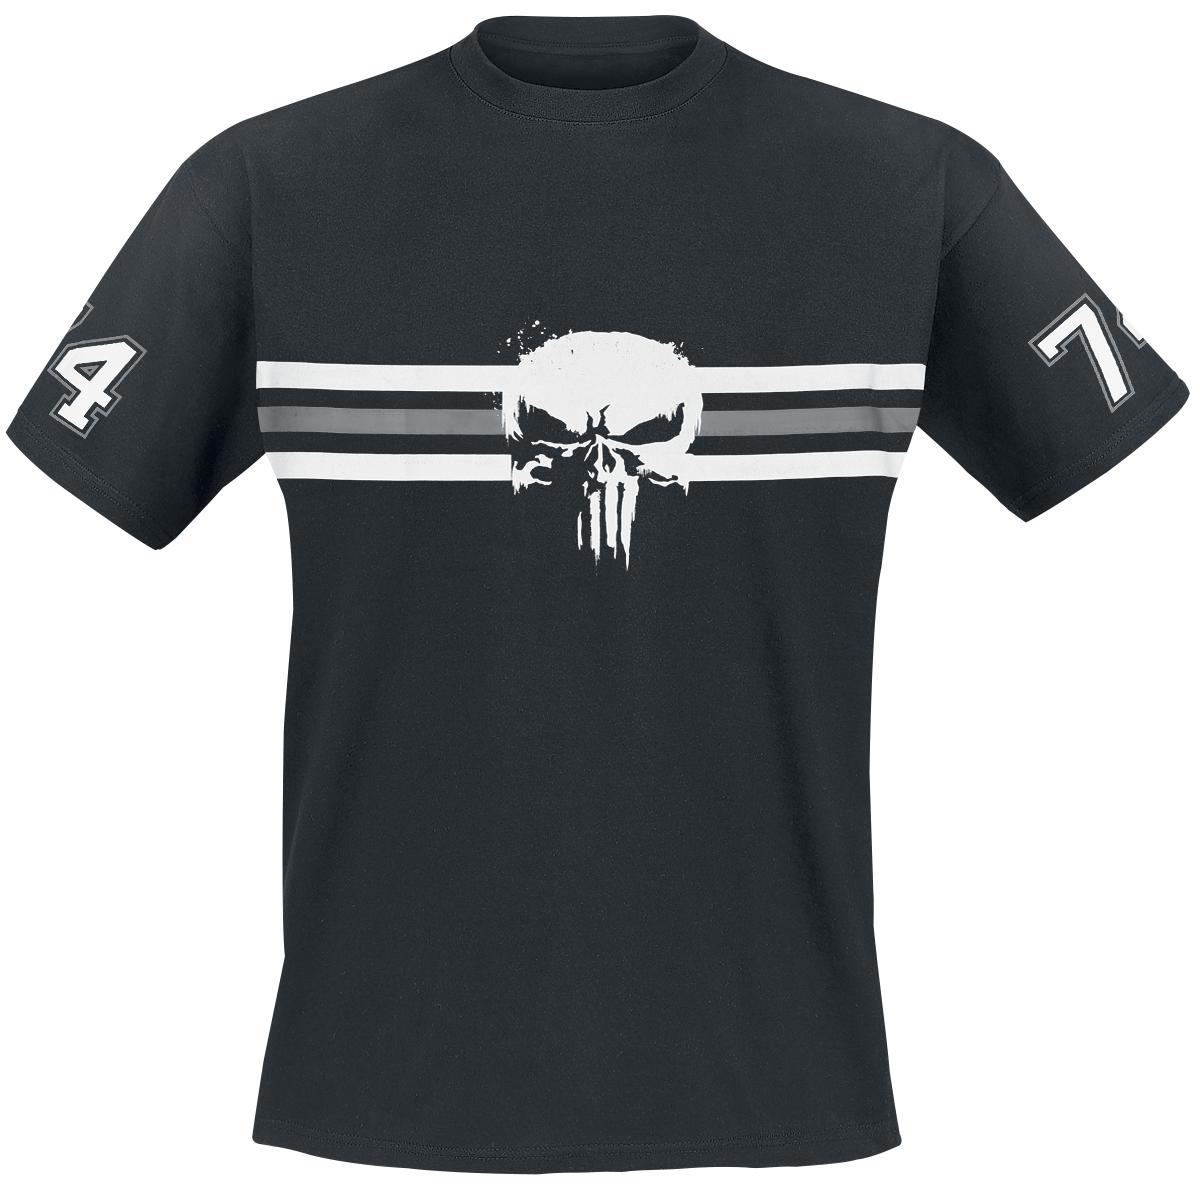 The Punisher - 74 - T-Shirt - black image